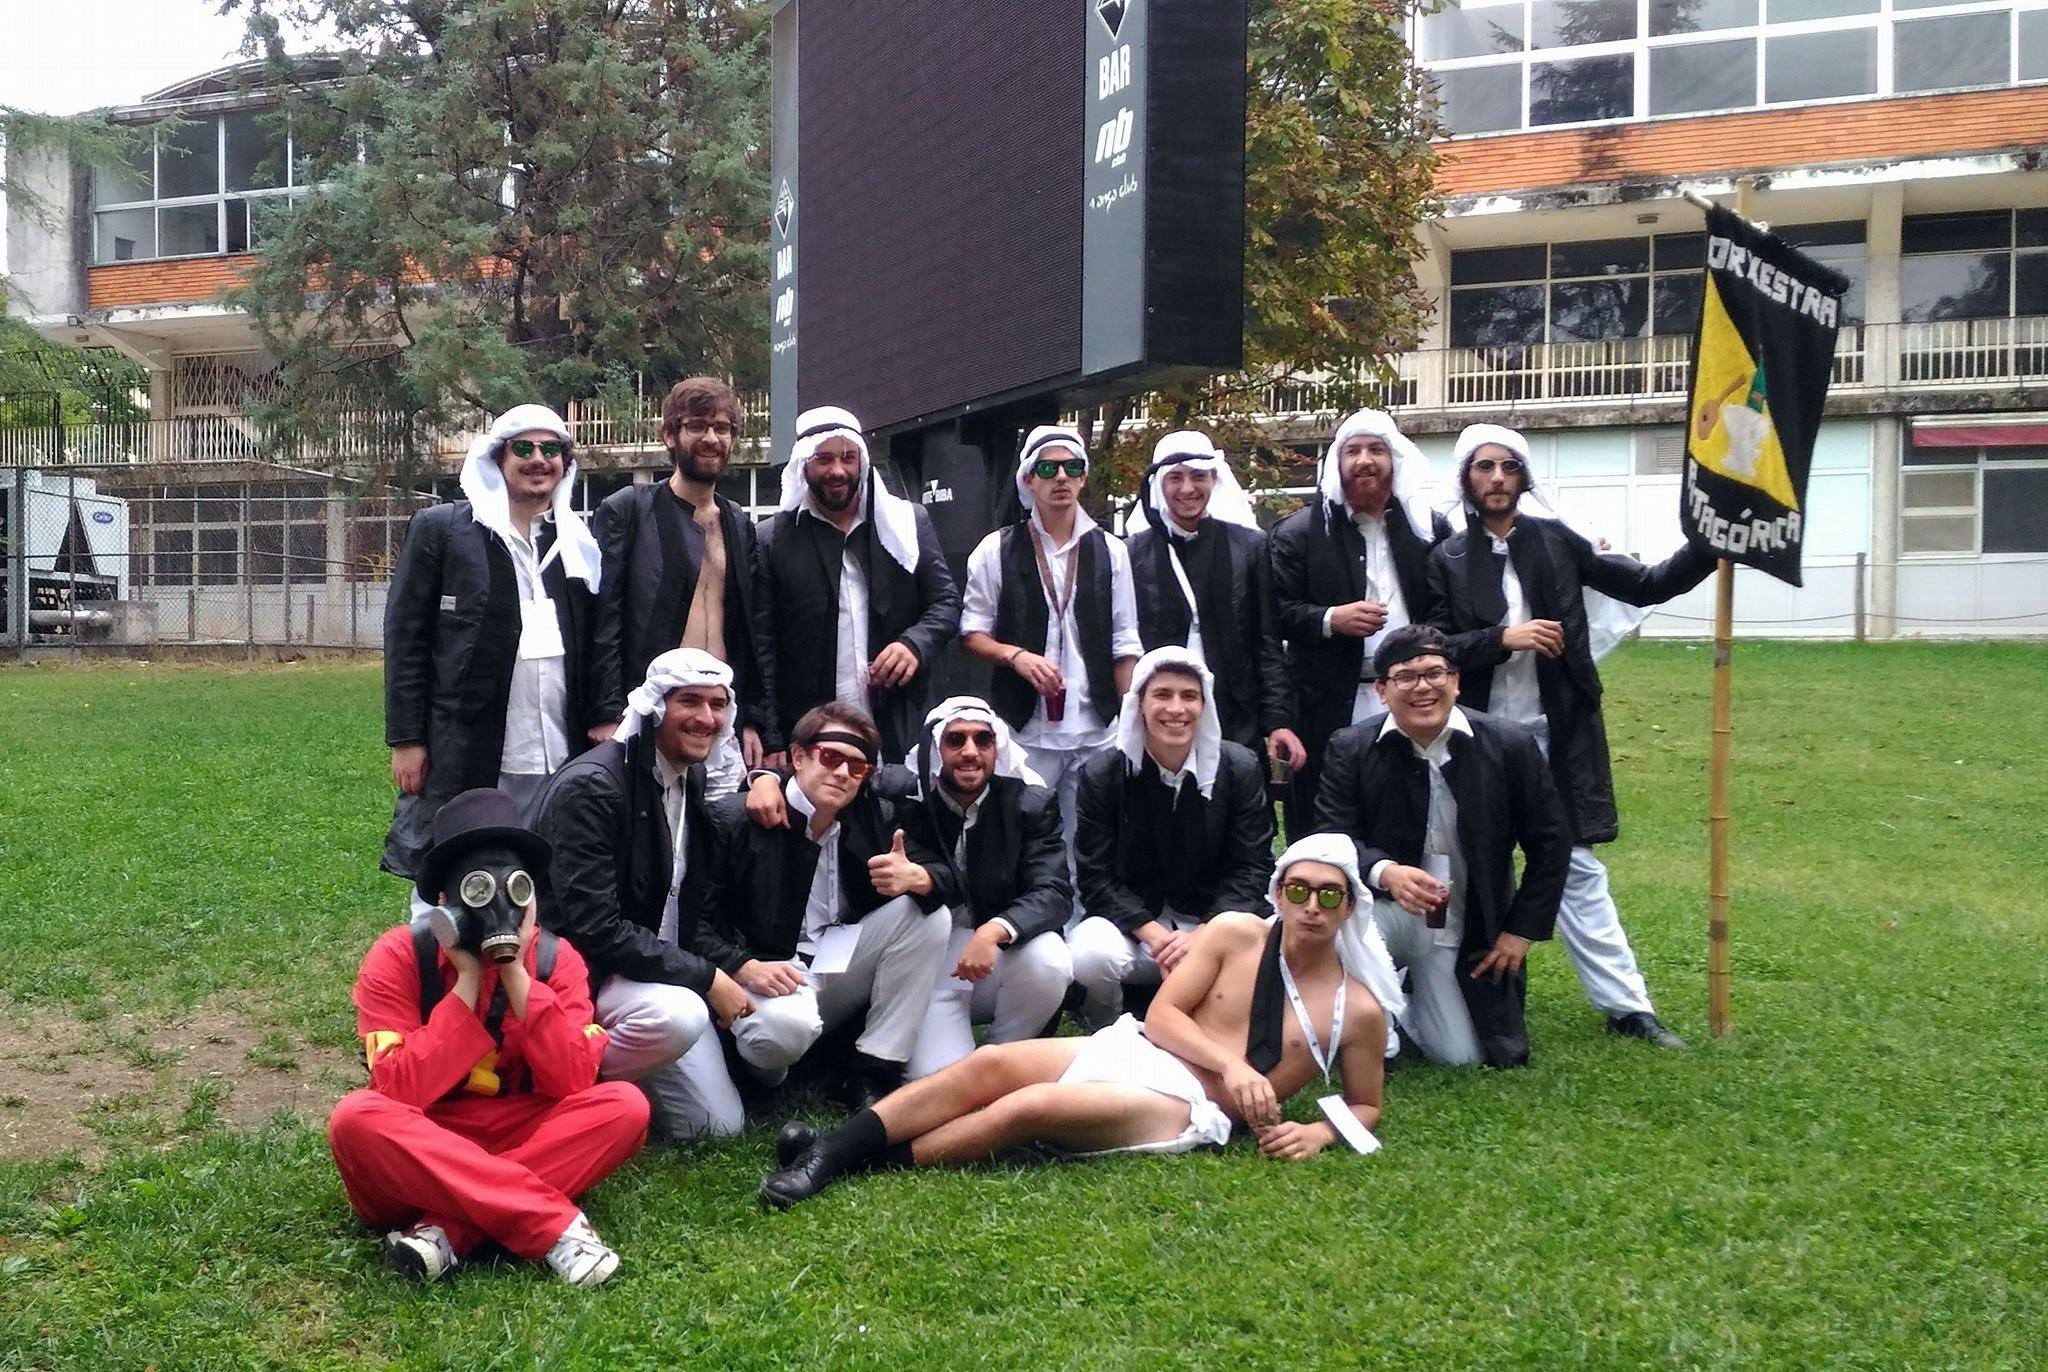 Orxestra Pitagorica, coimbra, tunas, musica, popular, portuguesa, universidade, grupos, musicais, populares